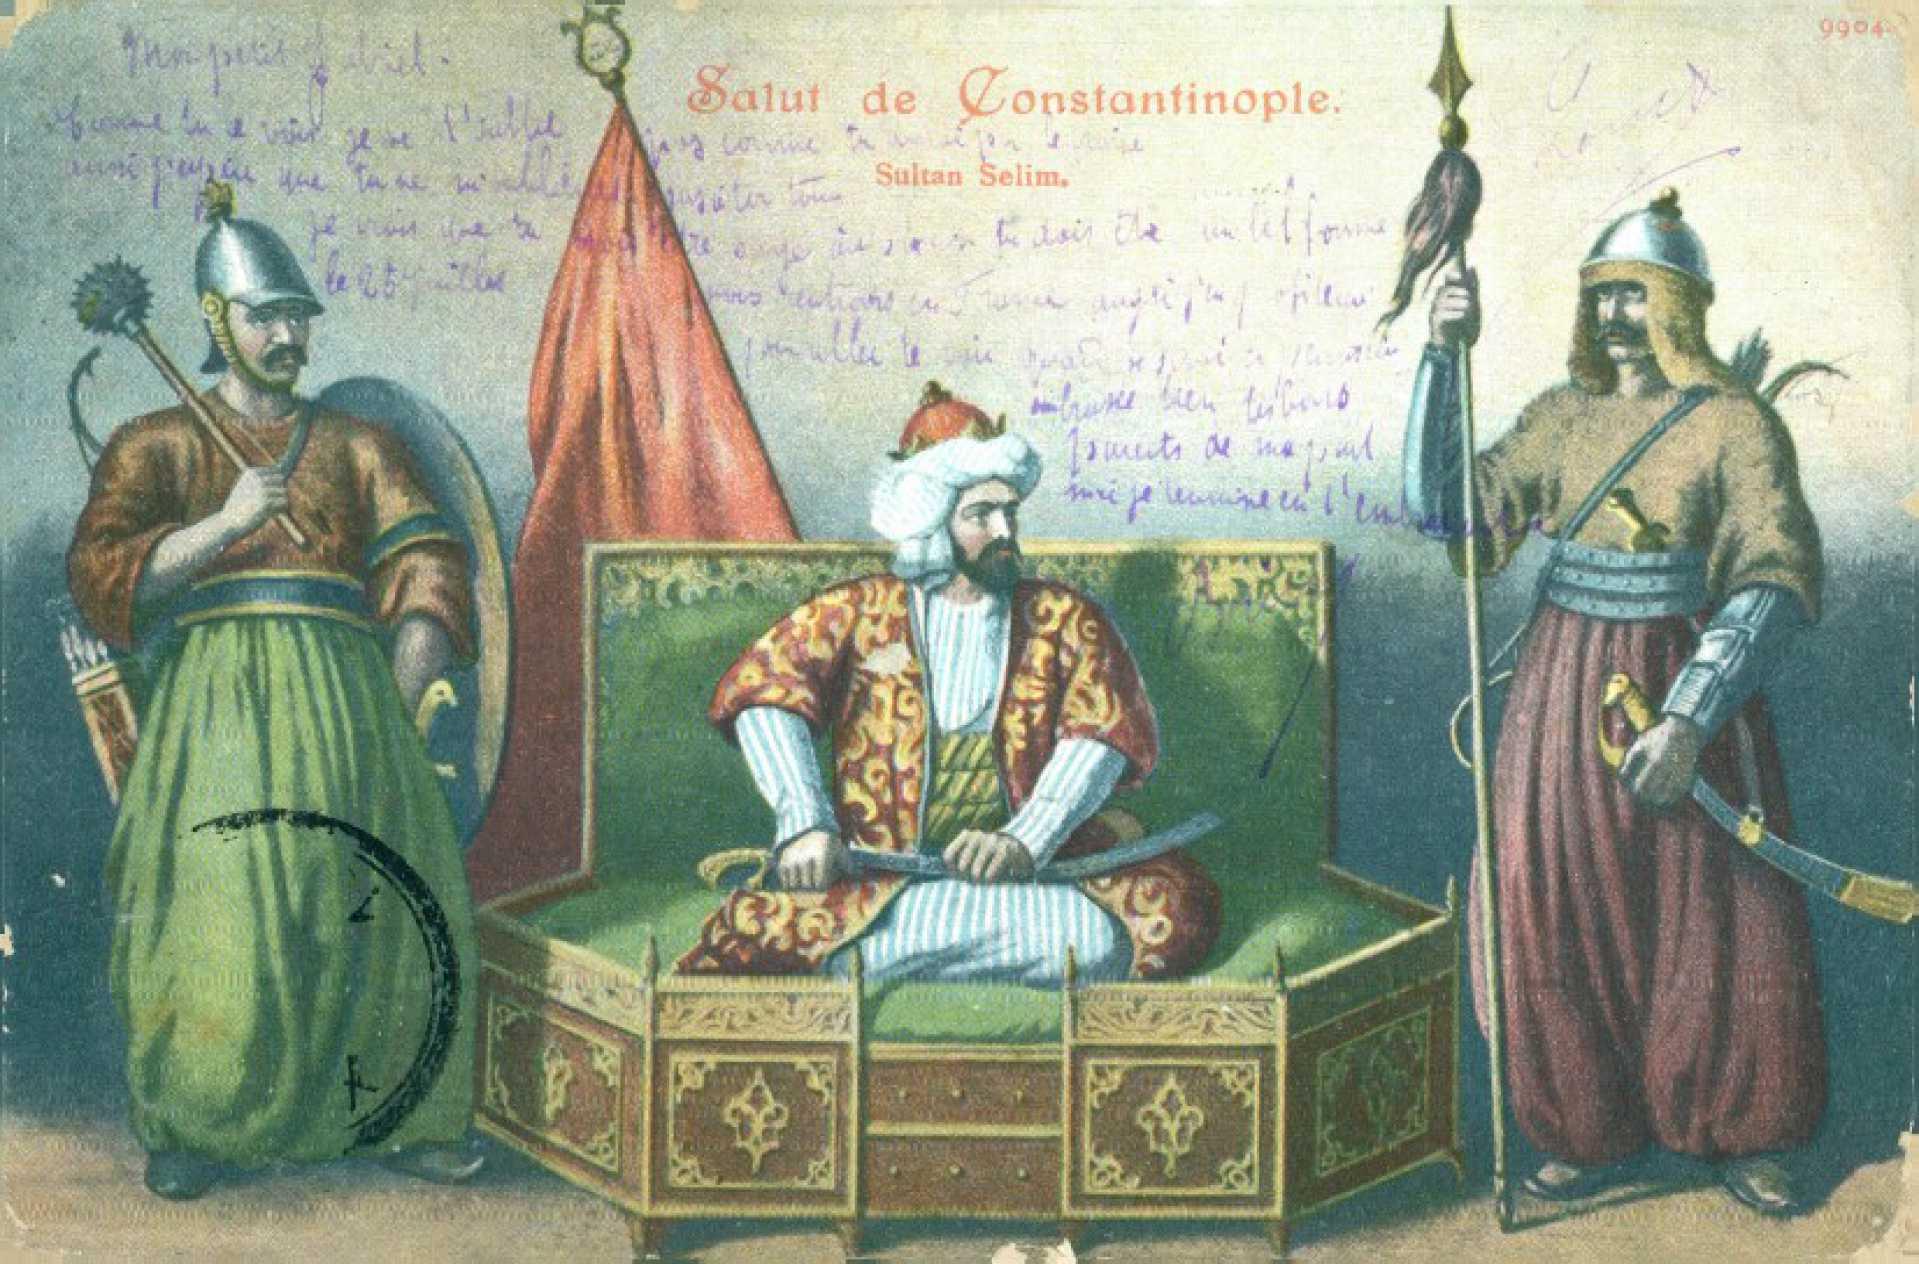 Salut de Constantinople. Sultan Selim